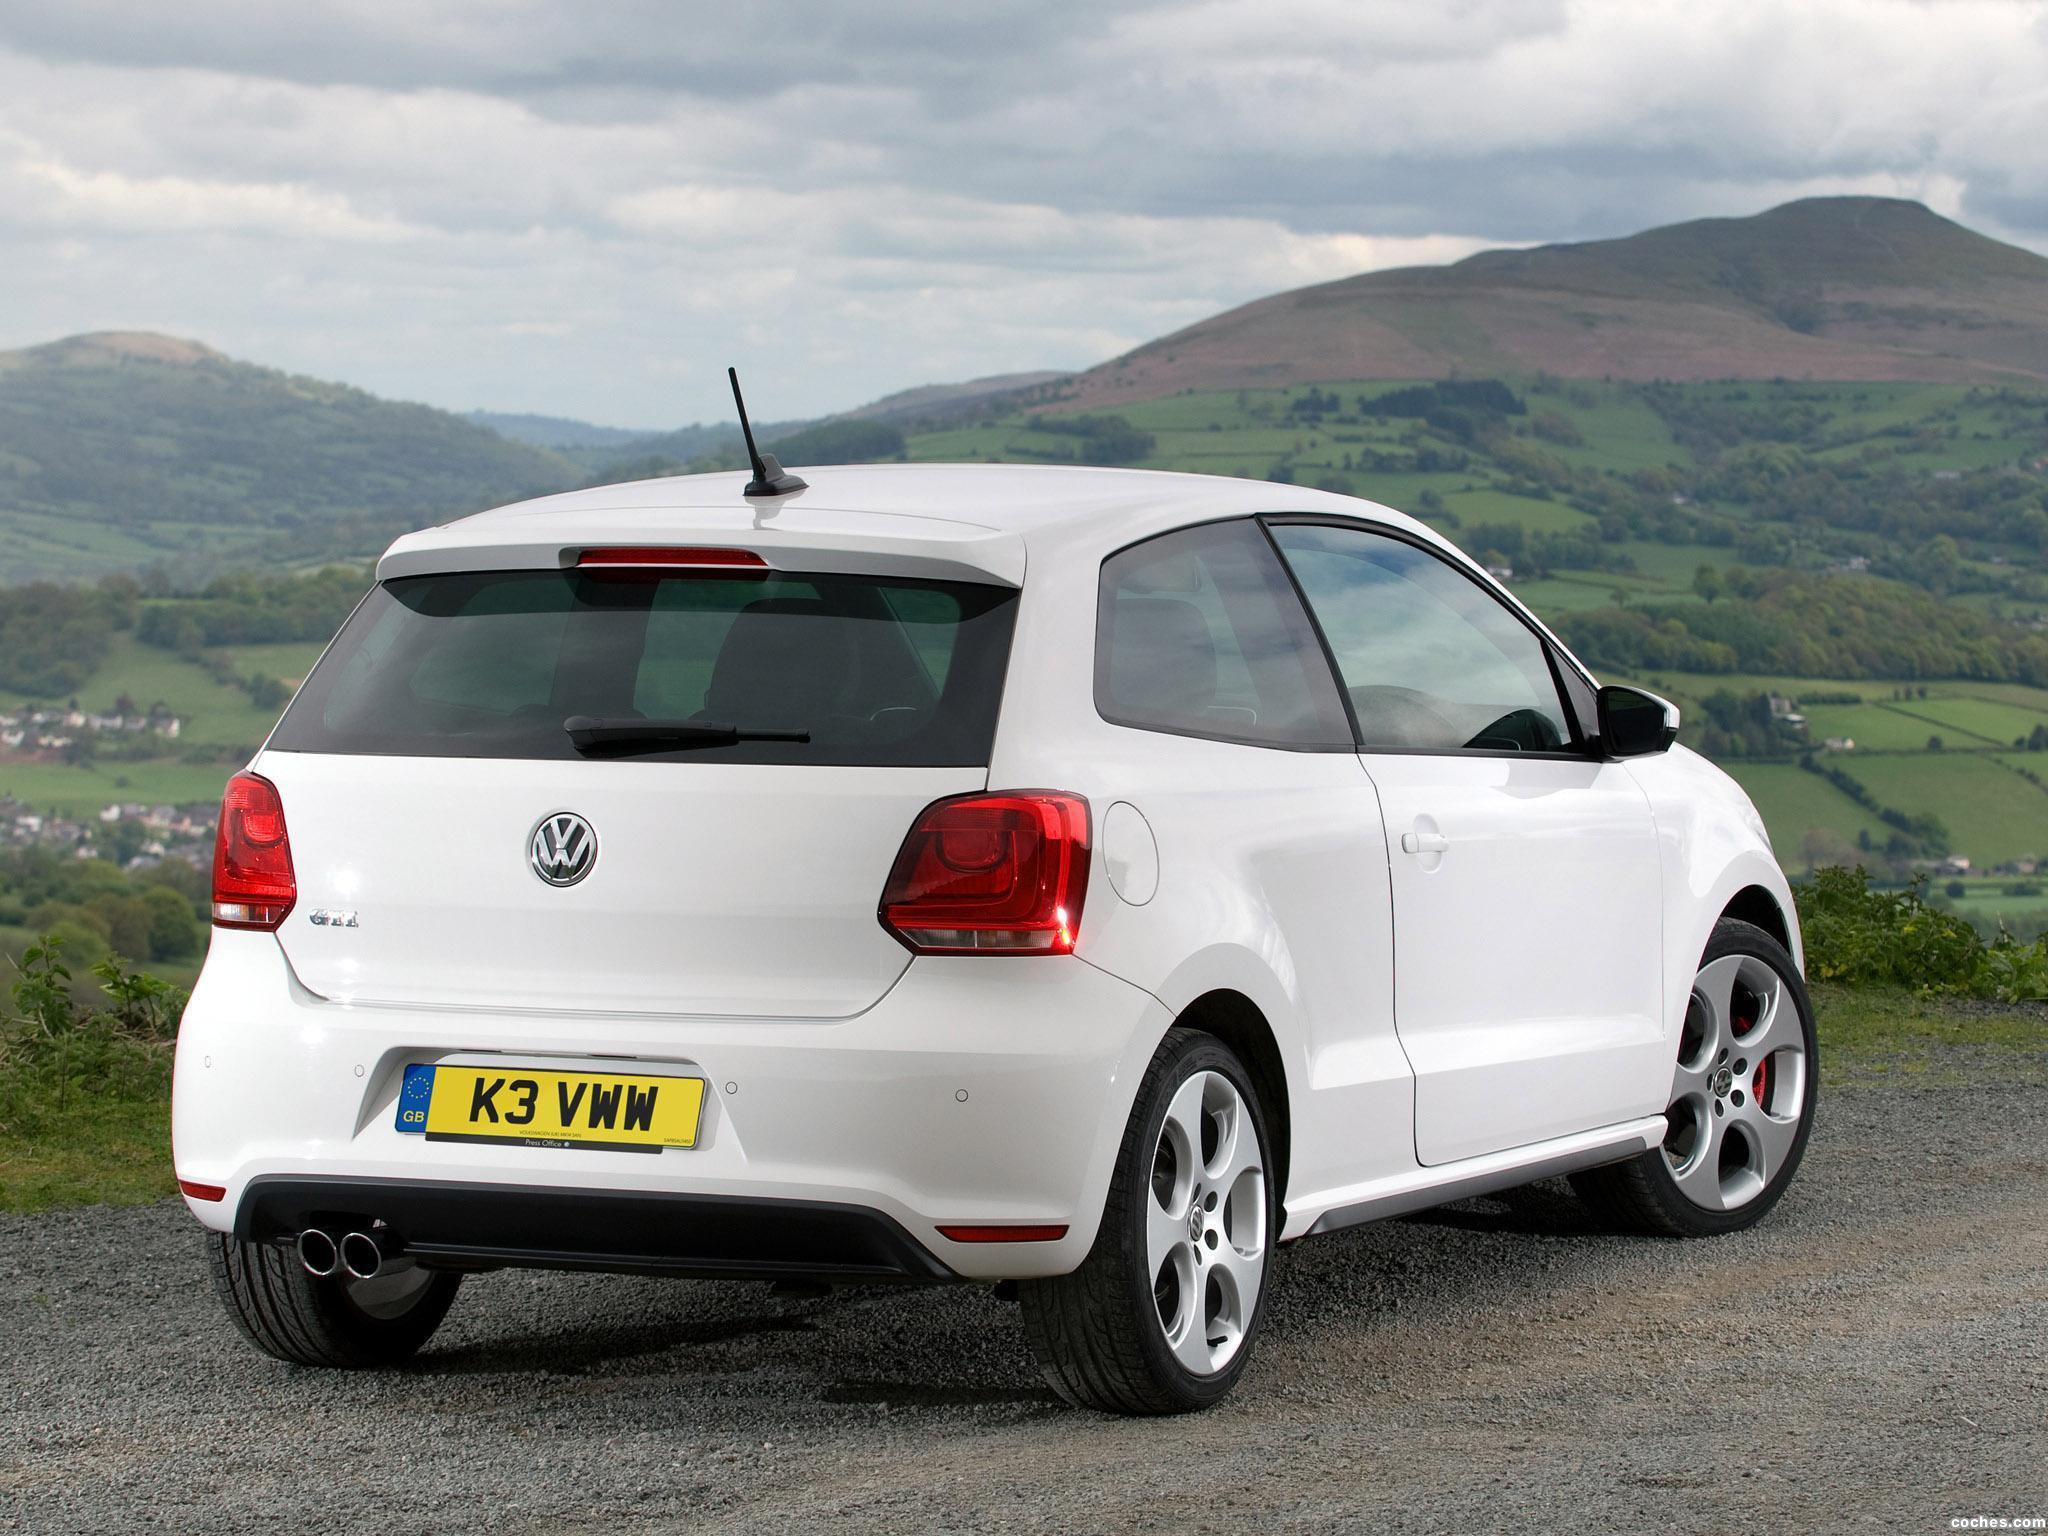 Foto 3 de Volkswagen Polo 3 puertas GTI UK 2010